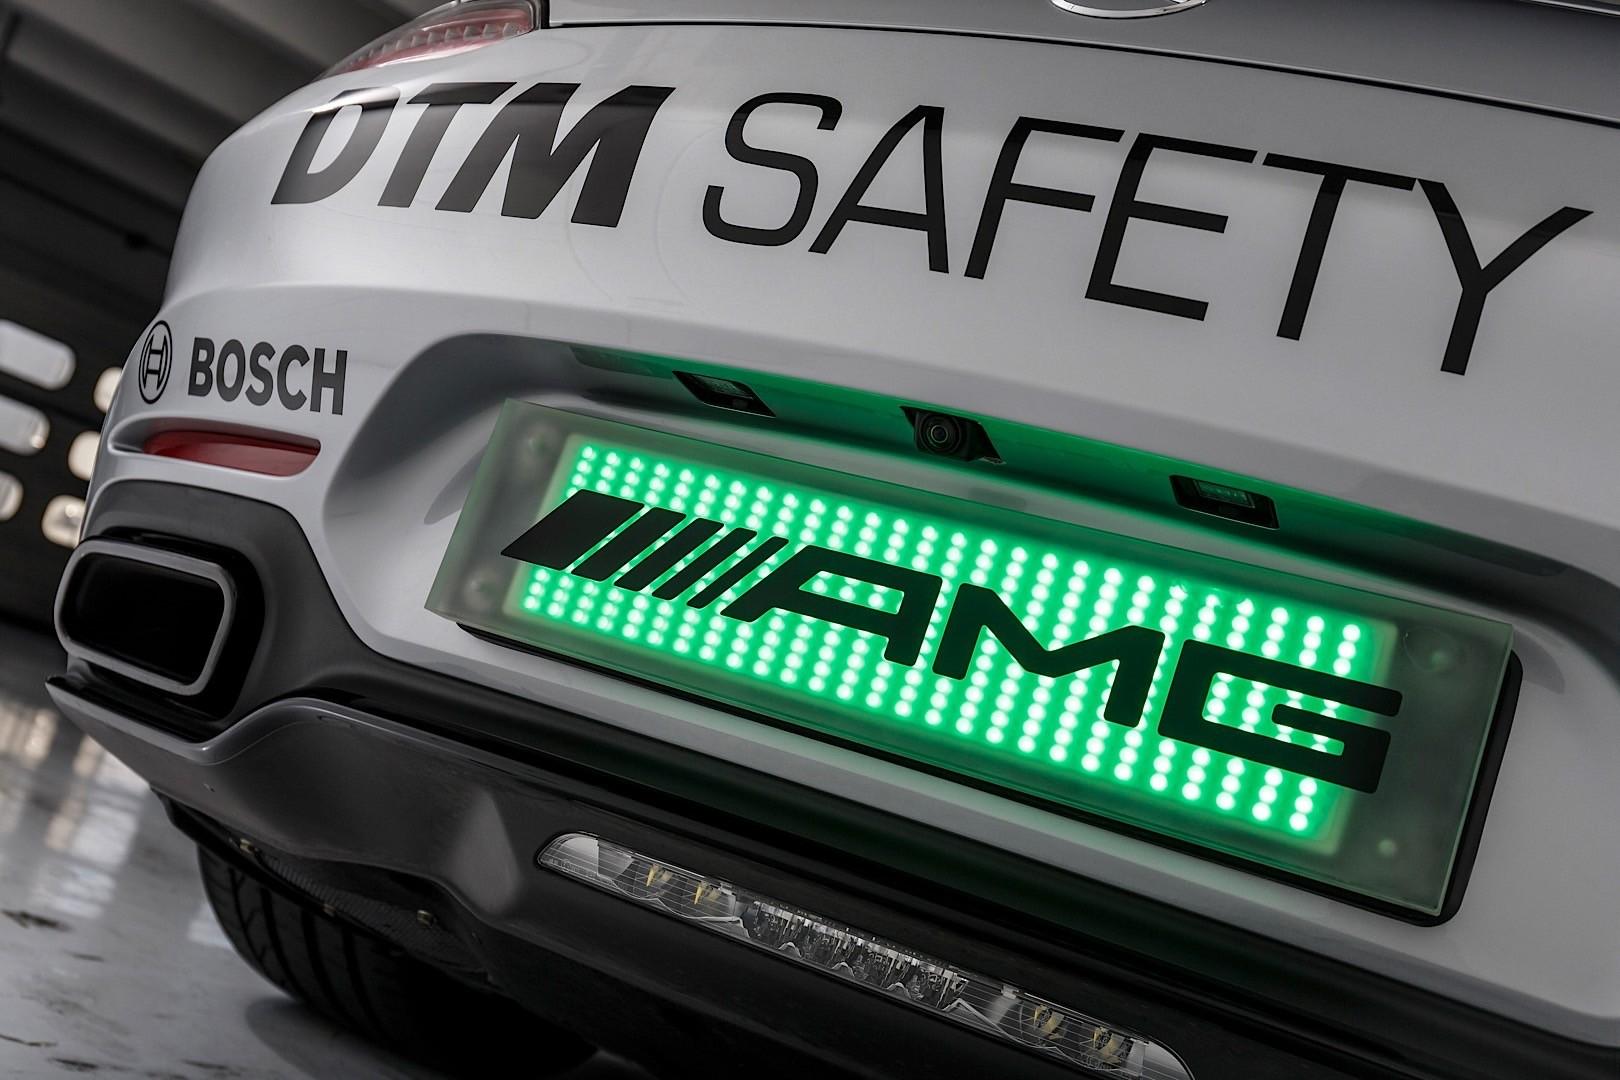 Interior mercedes amg gt s dtm safety car c190 2015 pr -  Amg Gt S Dtm Safety Car